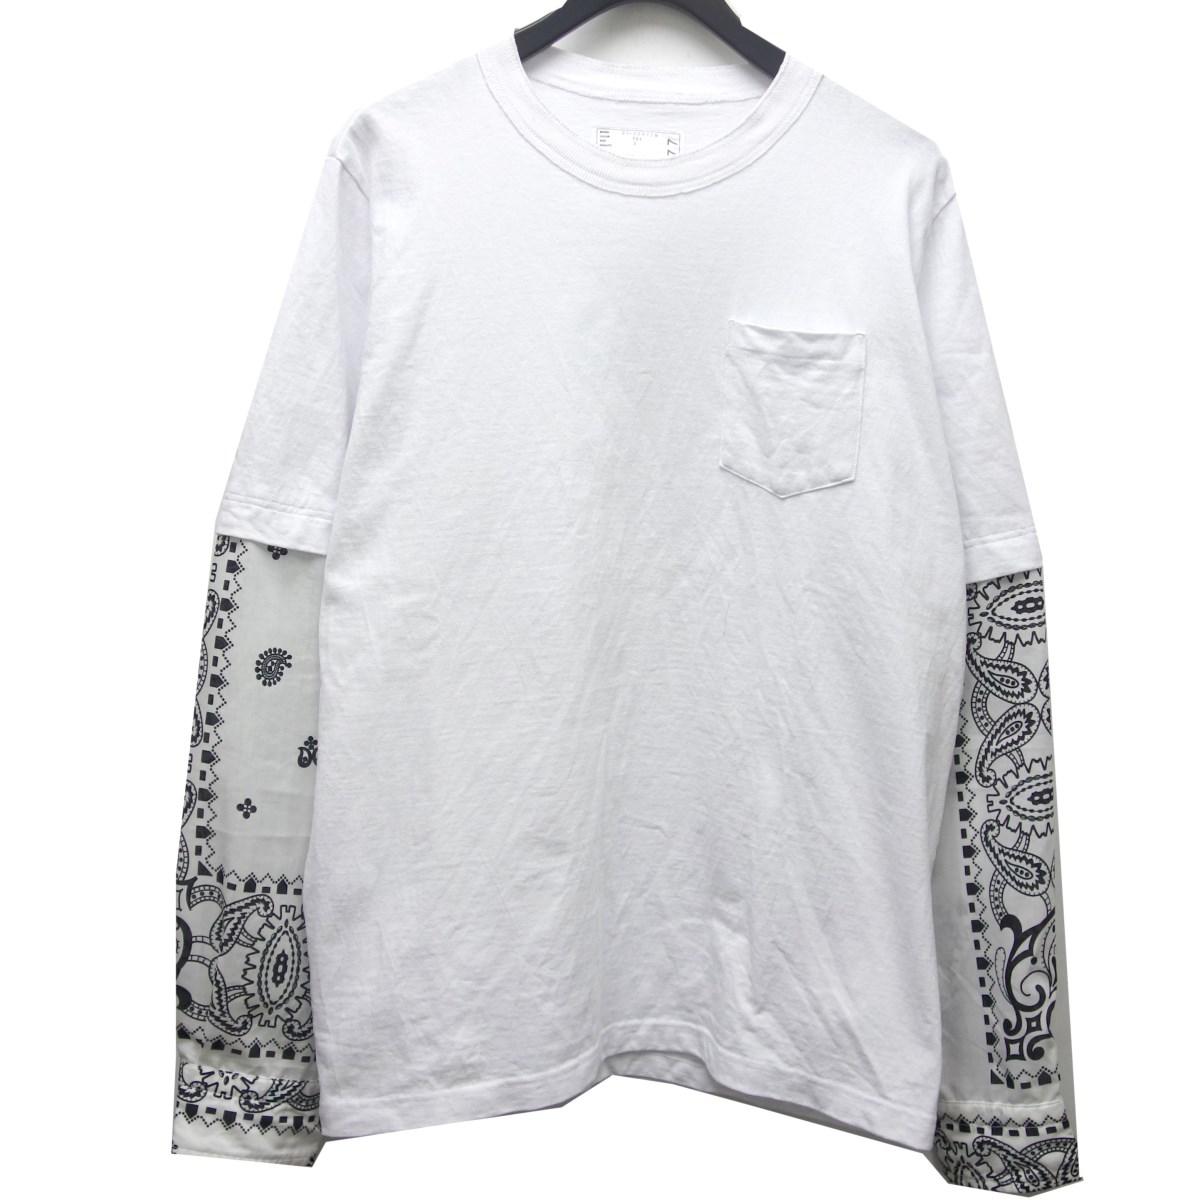 サカイ 中古 sacai 21SS Archive Print オンライン限定商品 Mix ホワイト サイズ:3 T-Shirt 時間指定不可 Long 190221 Sleeve